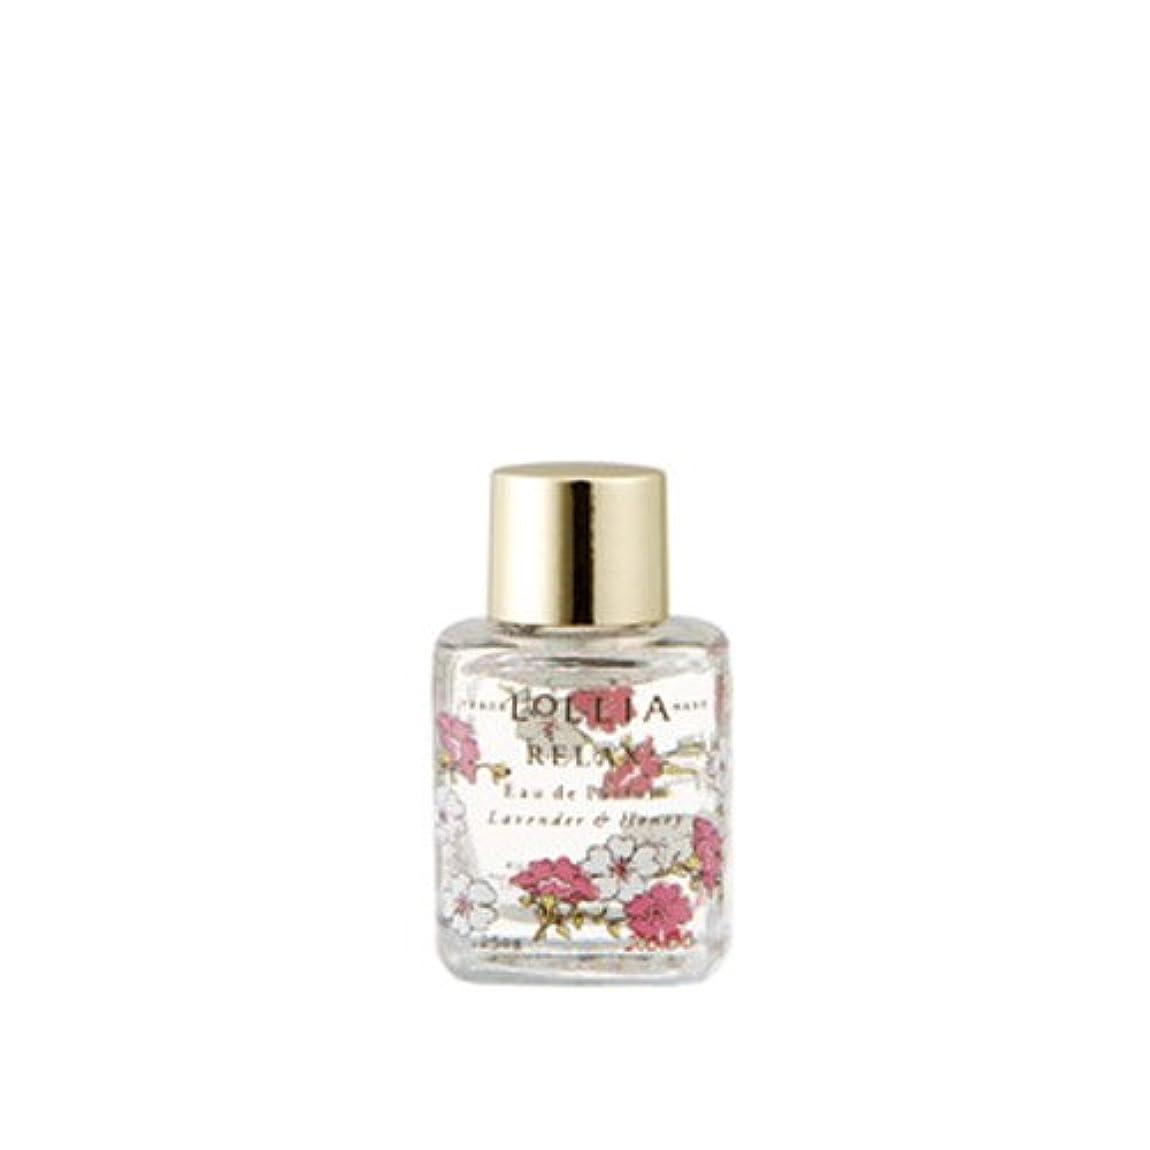 病んでいる統合センブランスロリア(LoLLIA) ミニオードパルファム約7ml Relax(香水 ホワイトオーキッド、タヒチアンバニラ、ハチミツ、アンバーの香り)